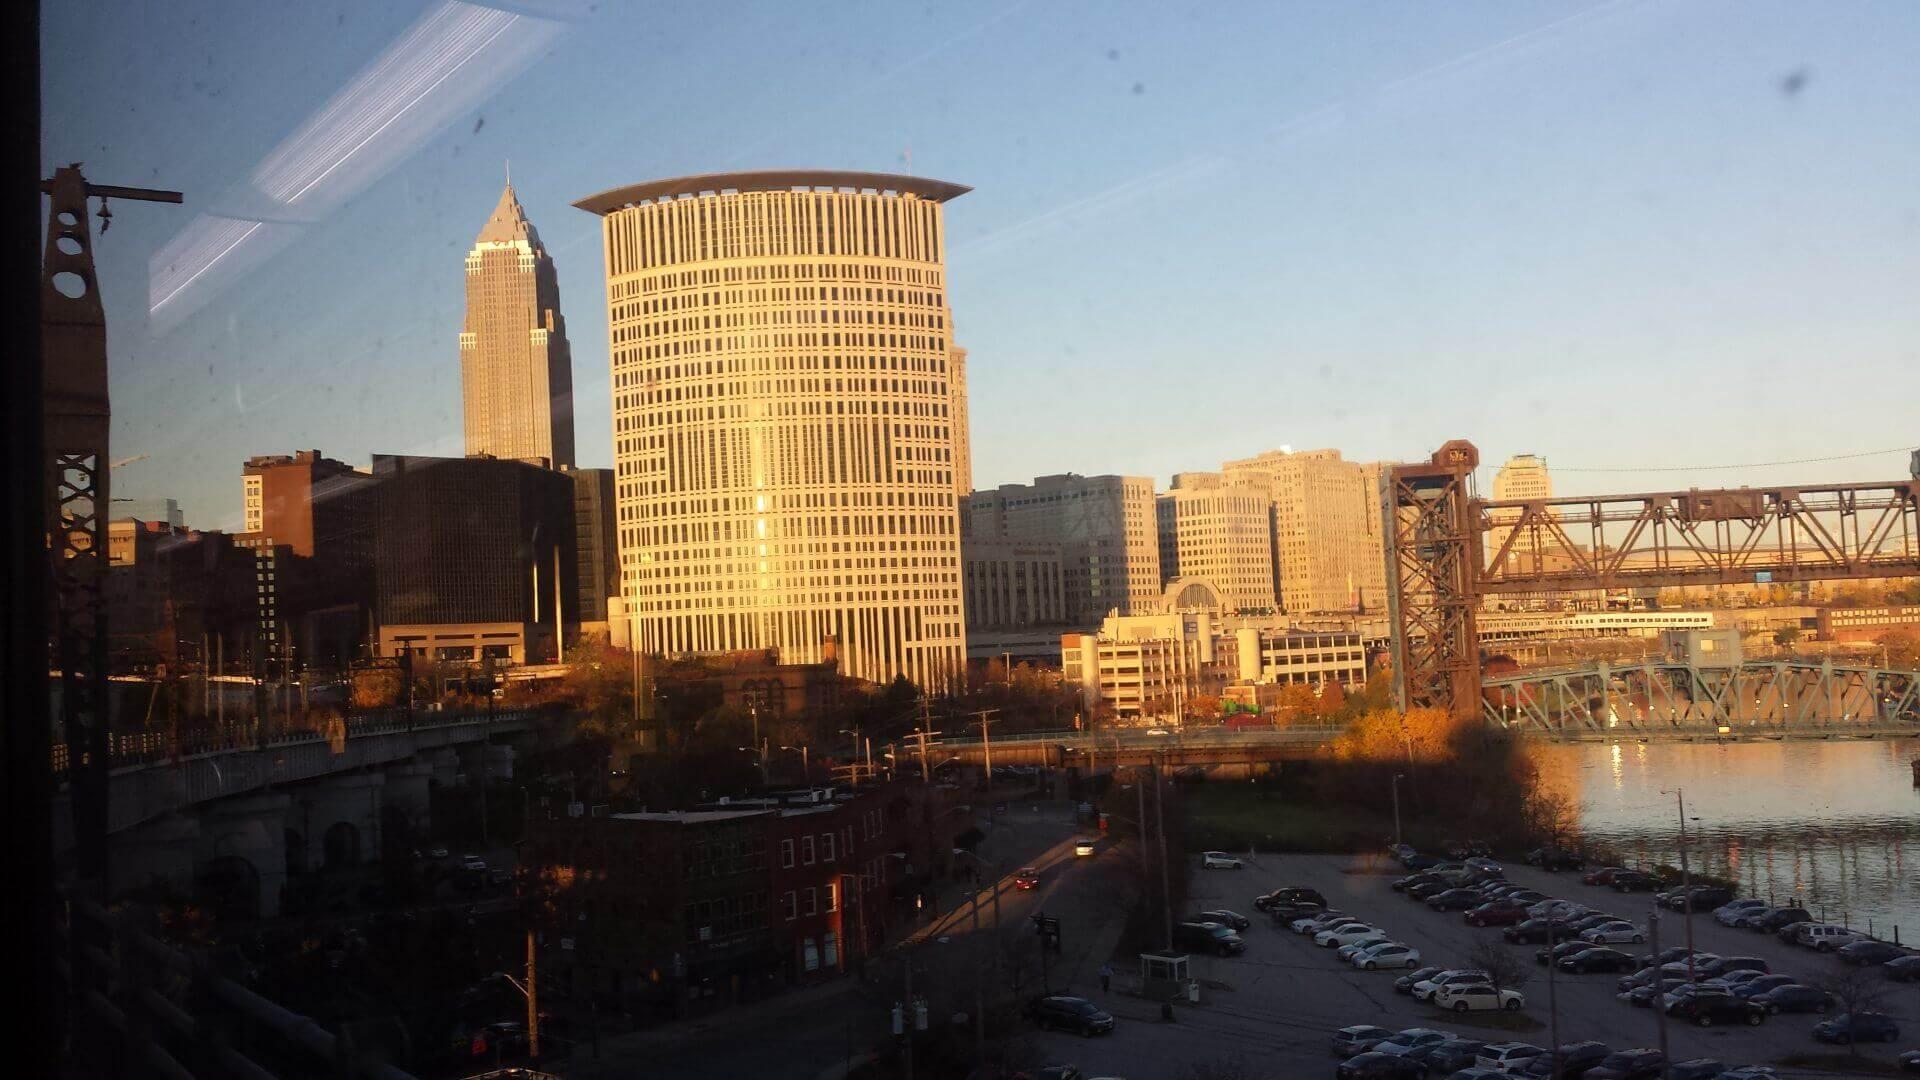 Downtown. Bilder und Eindrücke aus Cleveland, Ohio, United States.